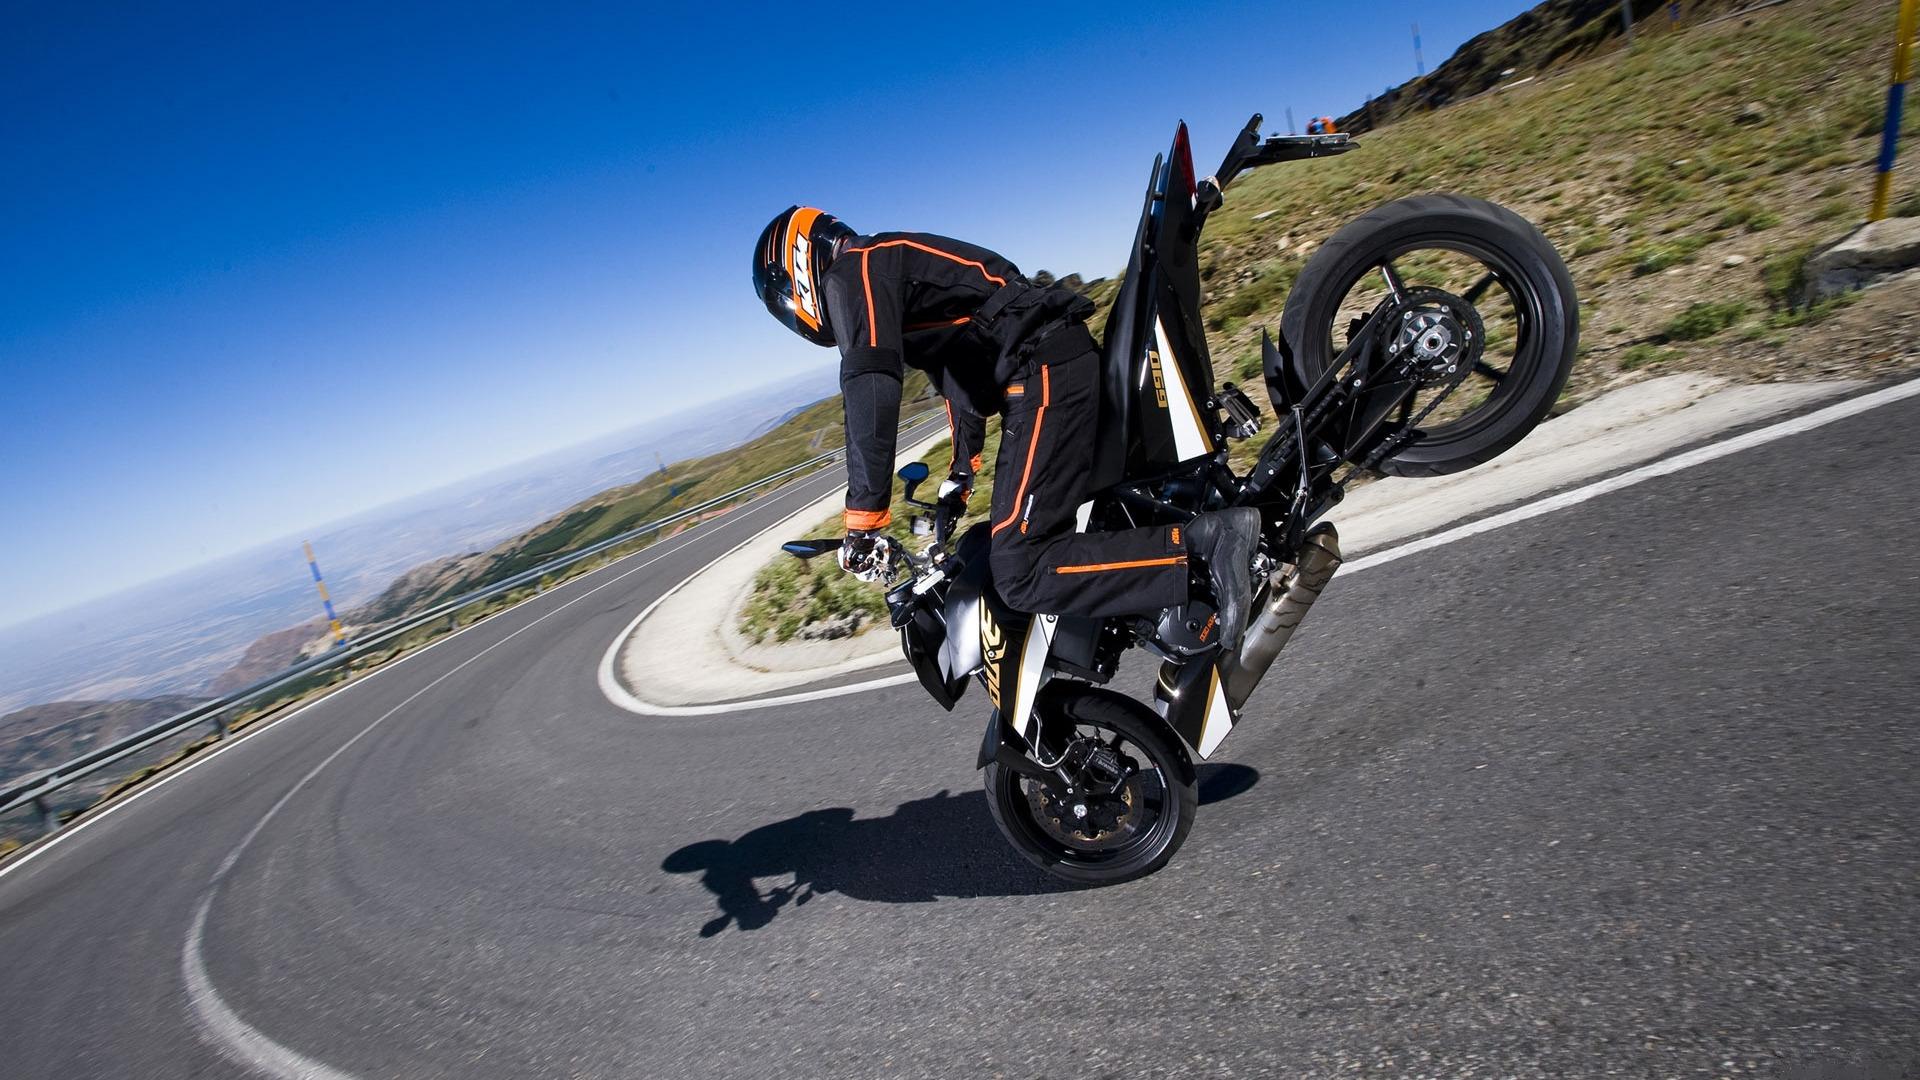 Motorbike Wallpapers  WallpaperSafari